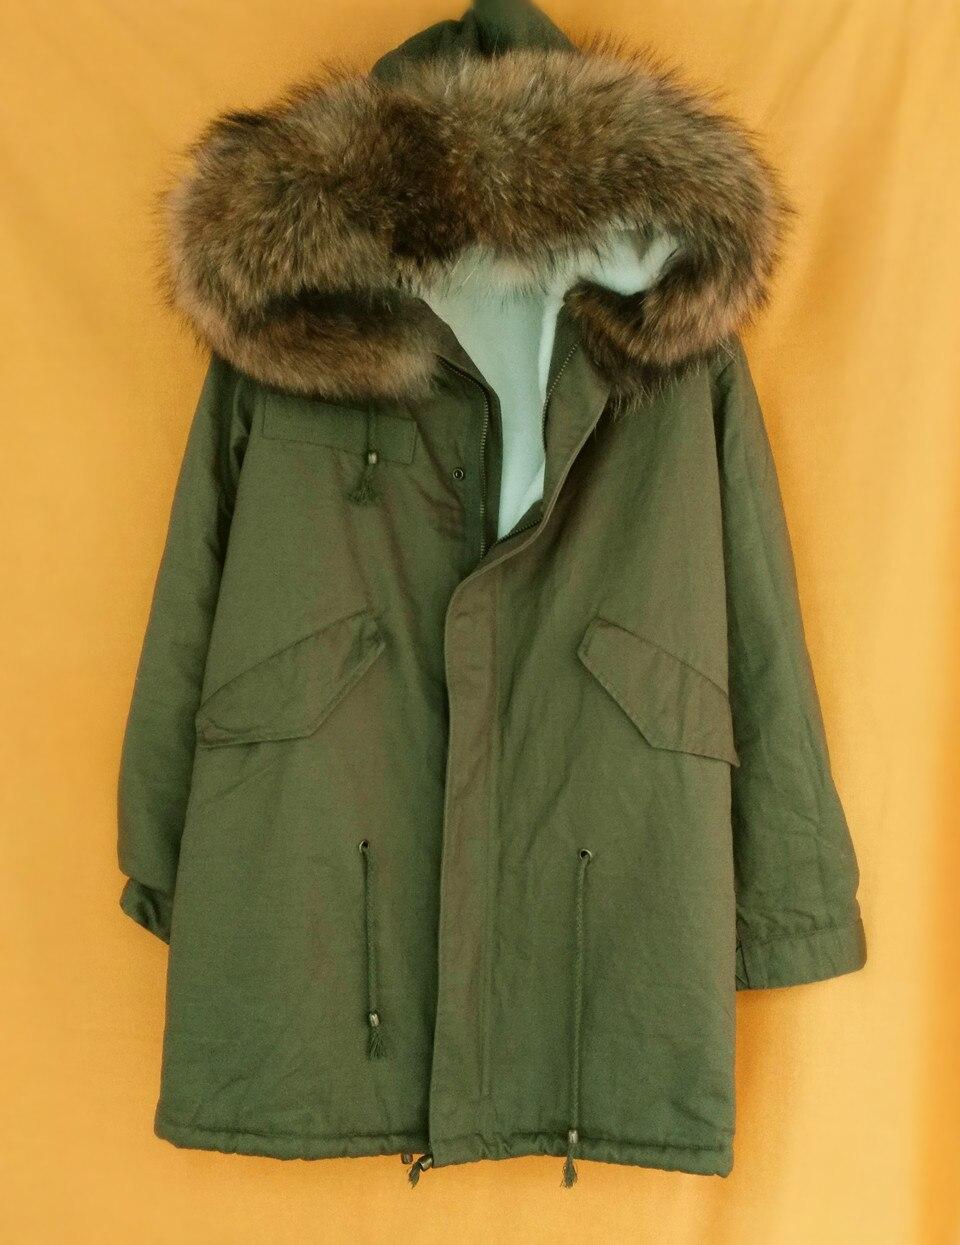 evanding армия зеленый куртка реального меховой воротник зимние пальто дамы с длинным рукавом из искусственного меха подкладка капюшоном плюс размер верхняя одежда парки с-на 2XL